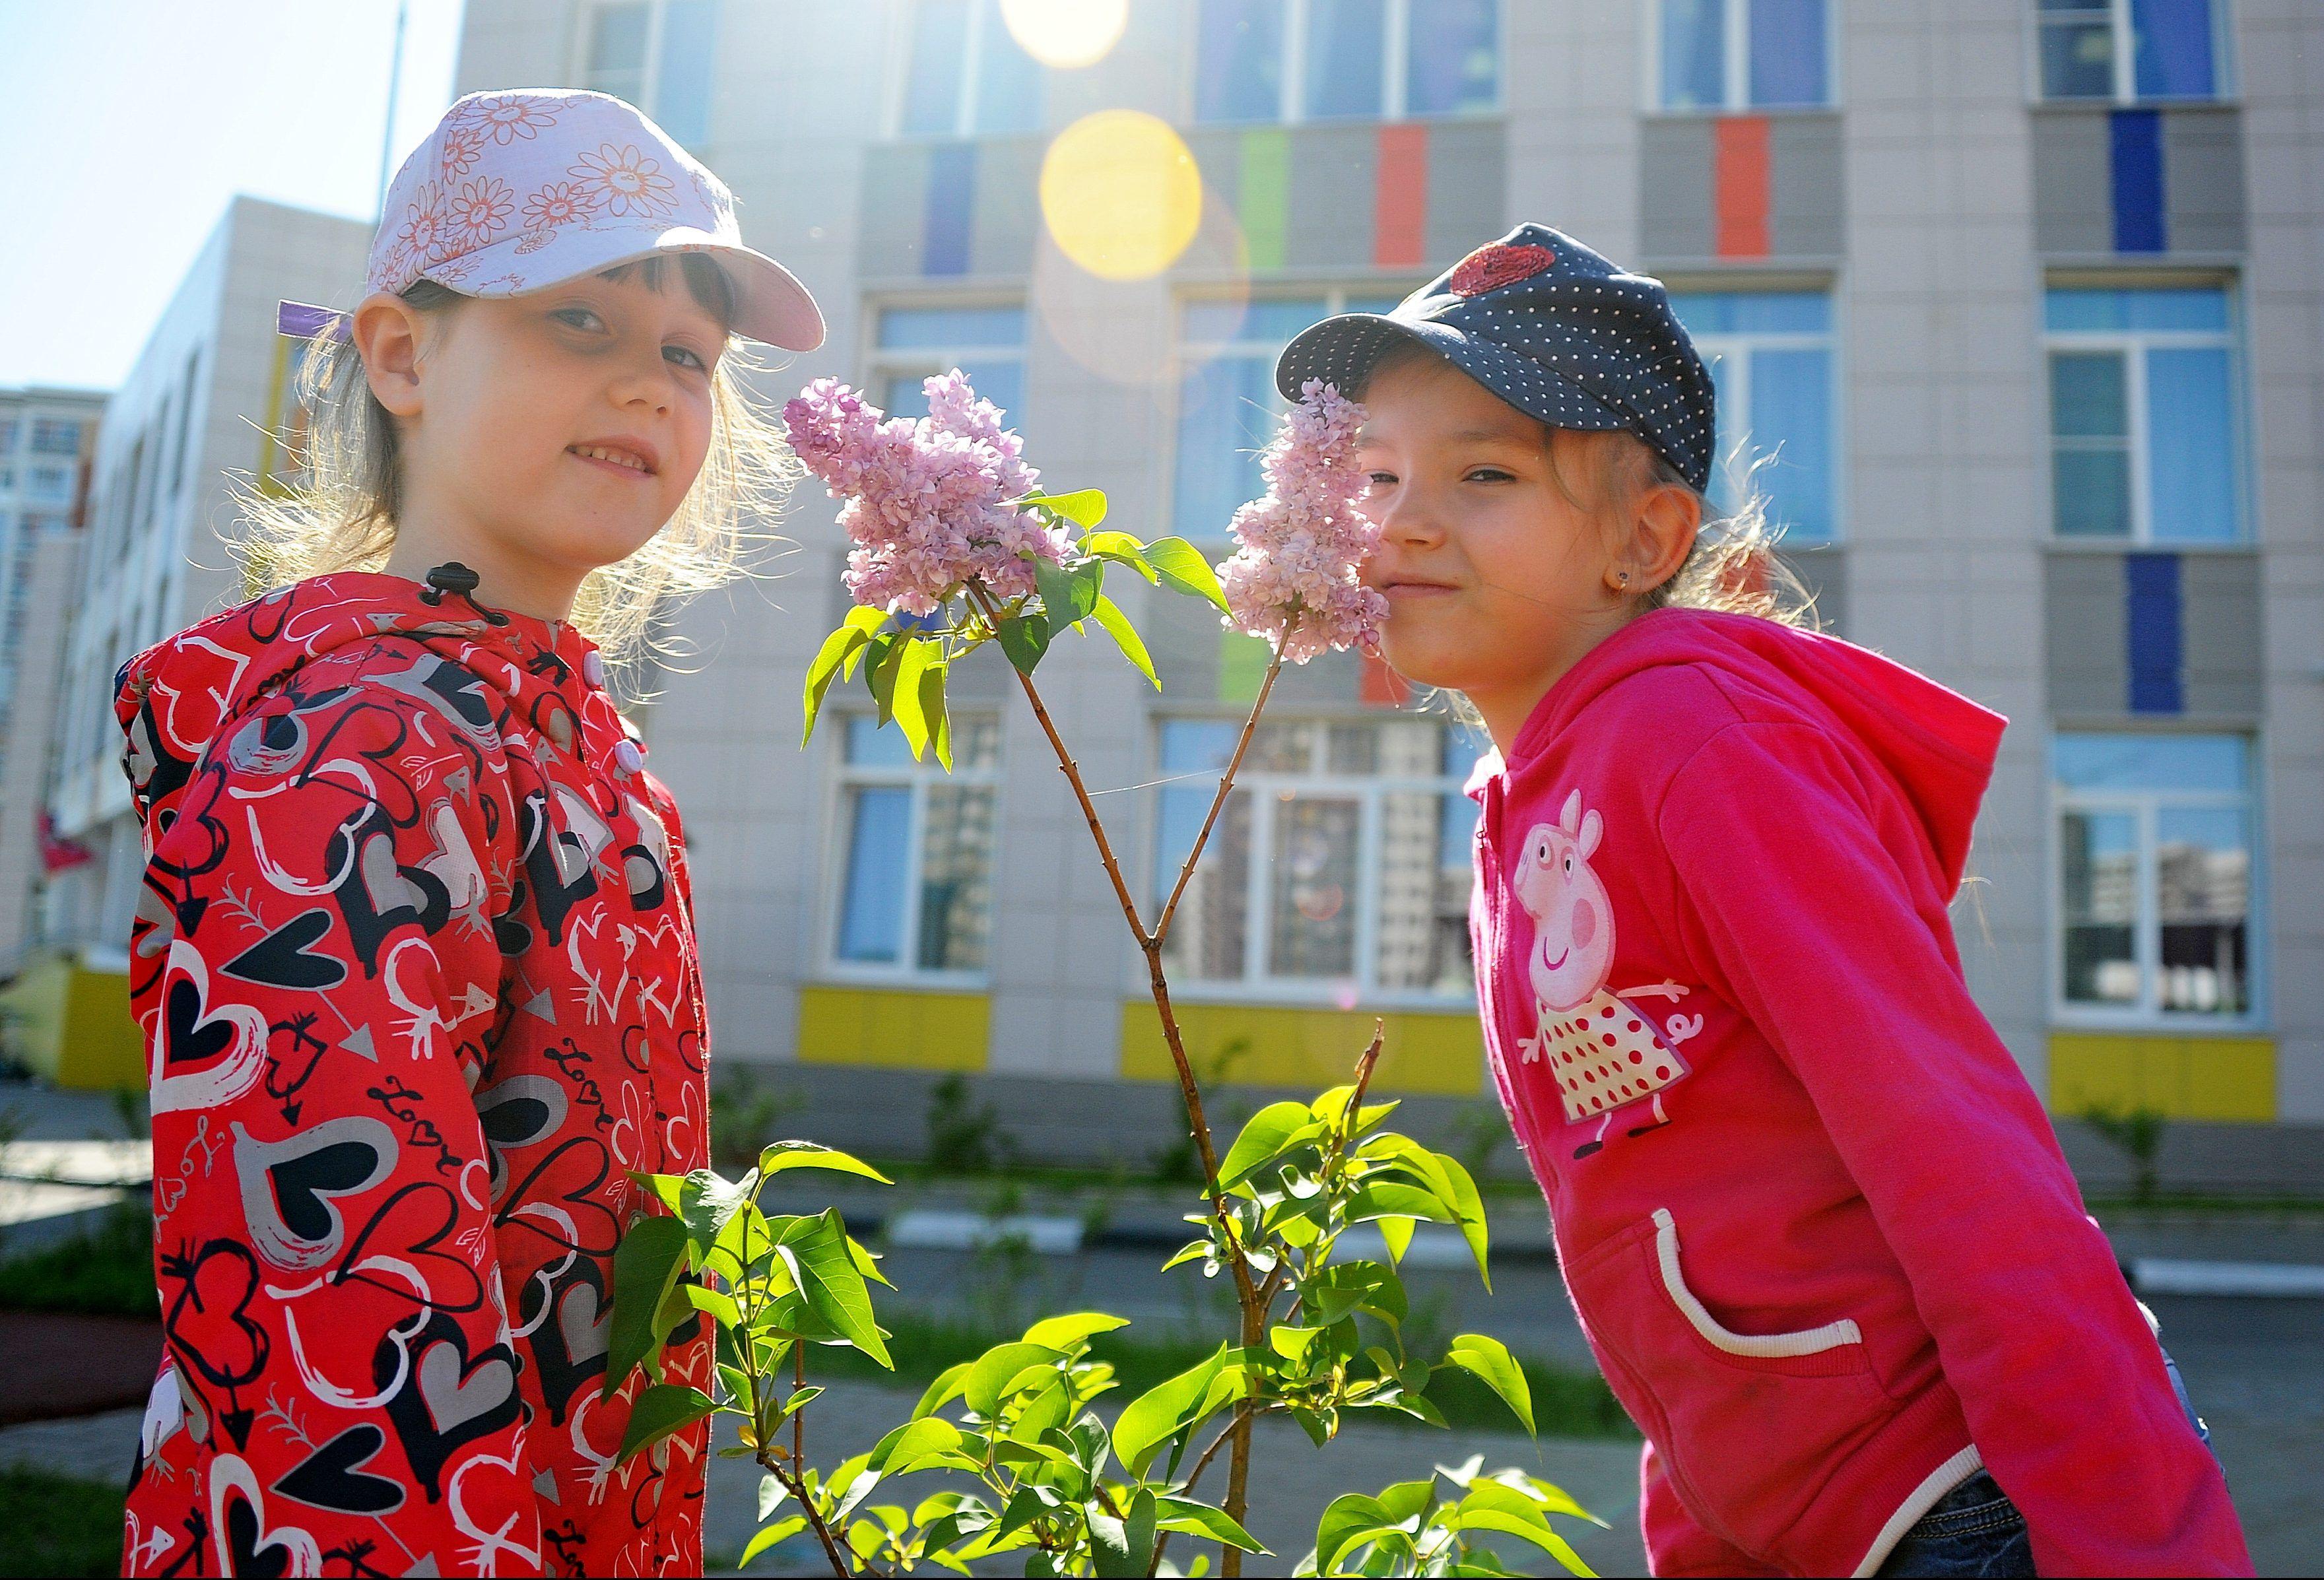 Дошкольное учреждение рассчитано на 120 мест. Фото: Александр Кожохин, «Вечерняя Москва»